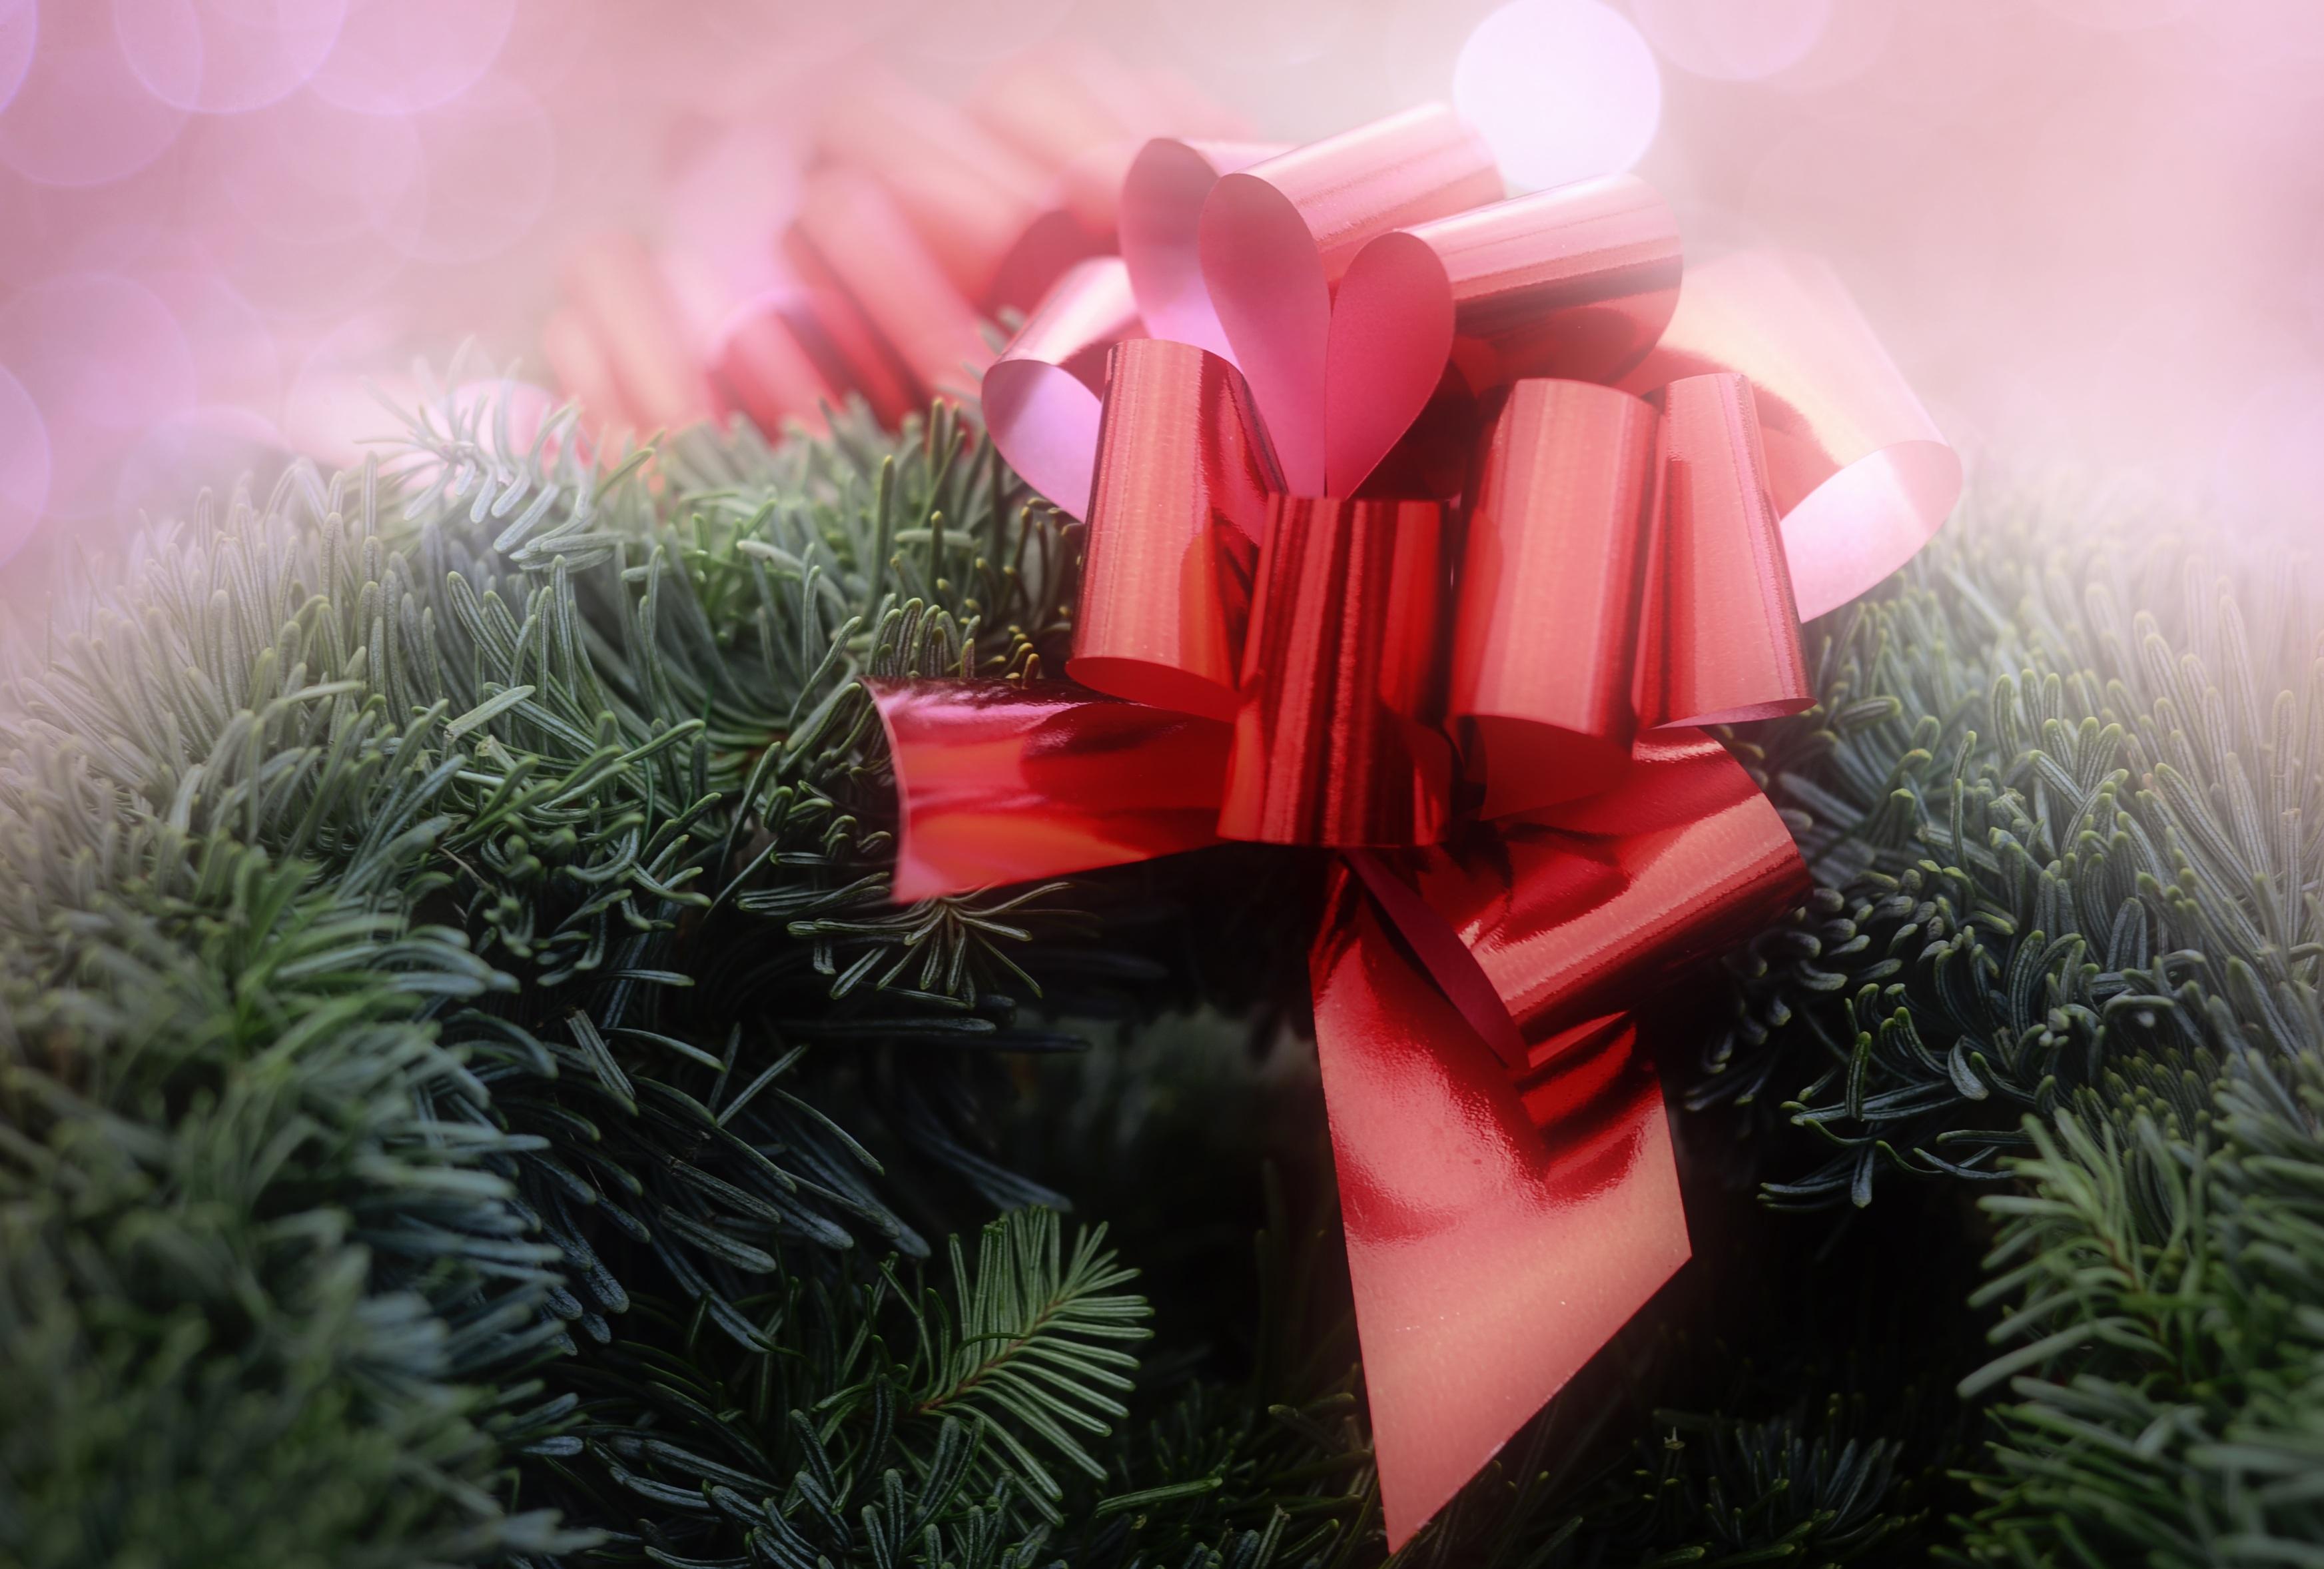 fotos gratis flor ptalo rojo rosado rbol de navidad corona de navidad decoracin navidea borde arco floristera rboles de hoja perenne